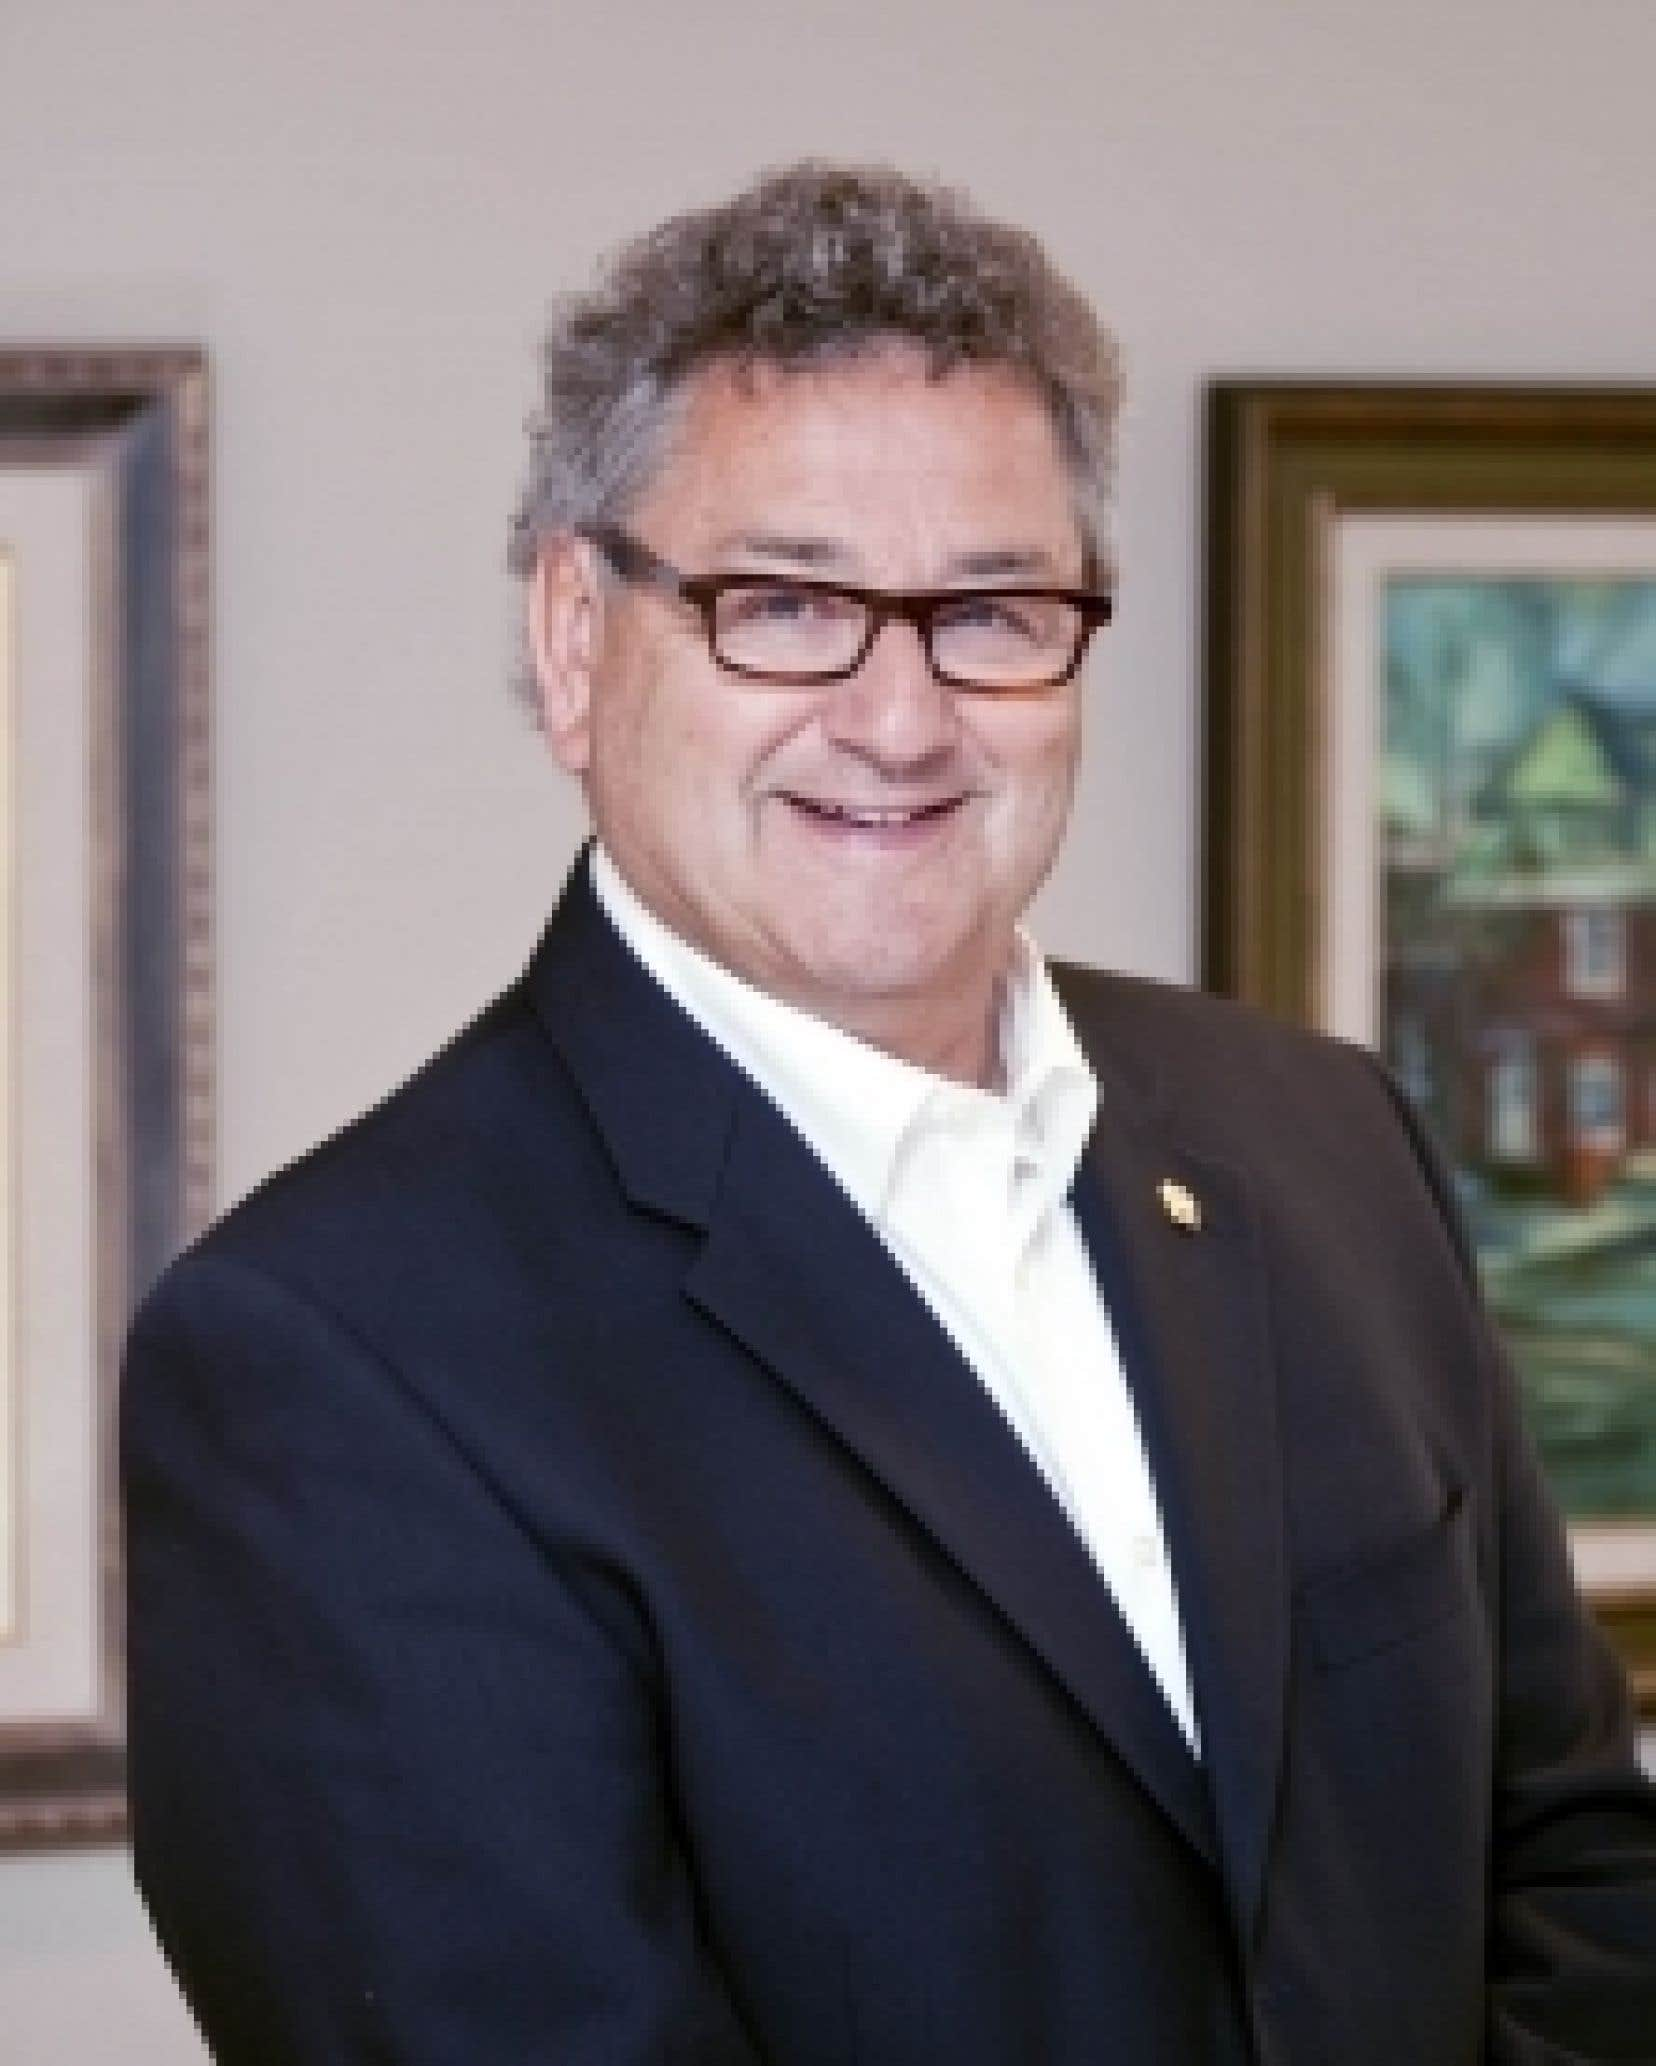 Le président de l'UMQ et maire de Rimouski, Éric Forest.